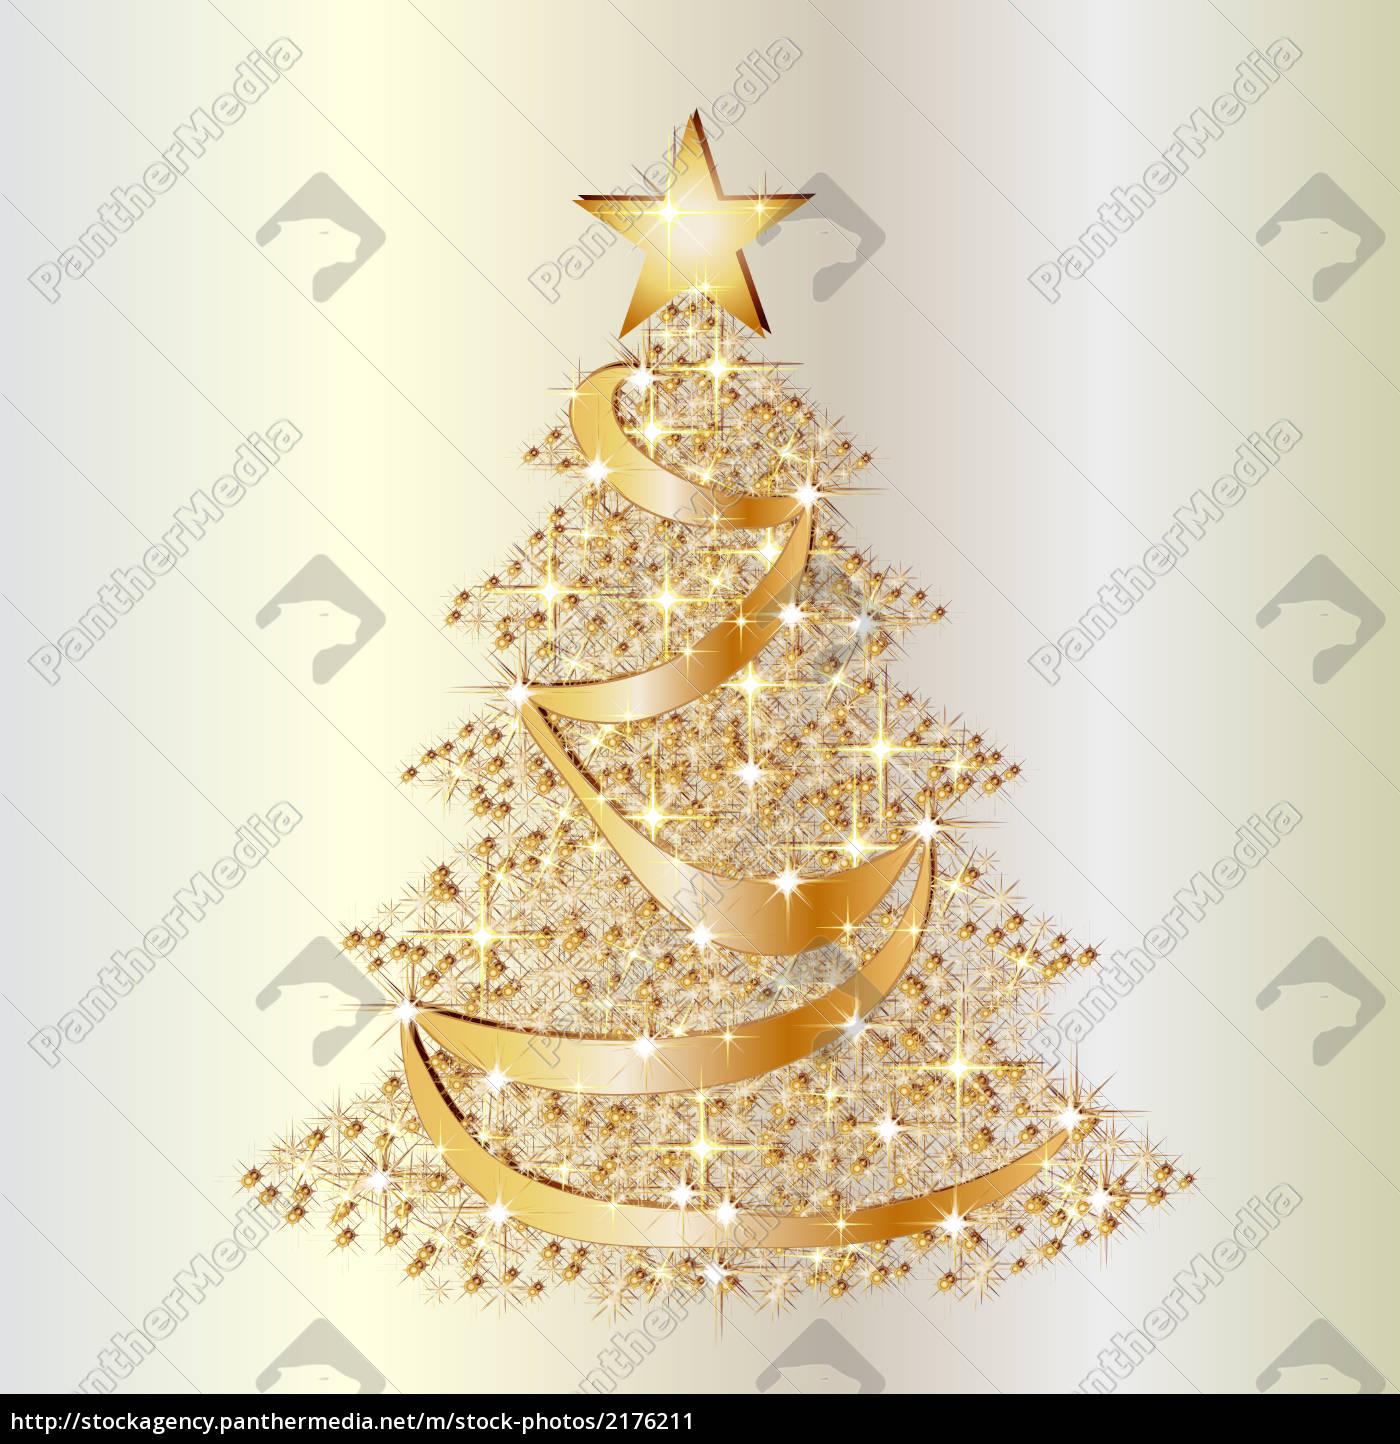 Goldener Weihnachtsbaum goldener weihnachtsbaum auf perlfarbenem hintergrund